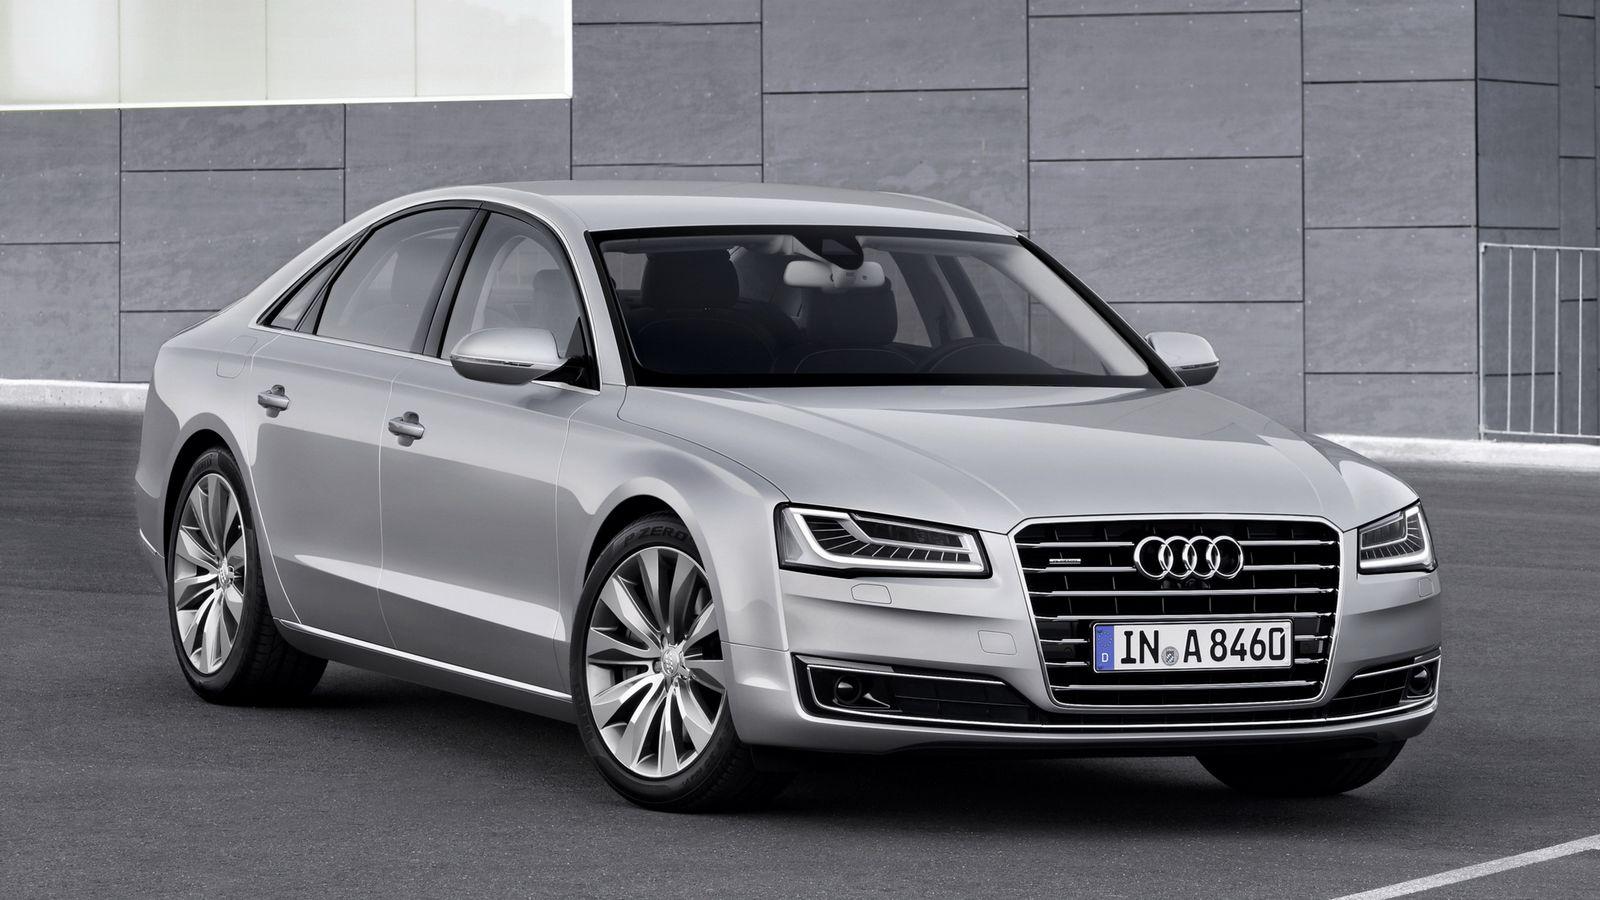 Актуальный Audi A8 продается на российском рынке. Стартовая цена флагманского седана составляет 5 545 000 рублей.